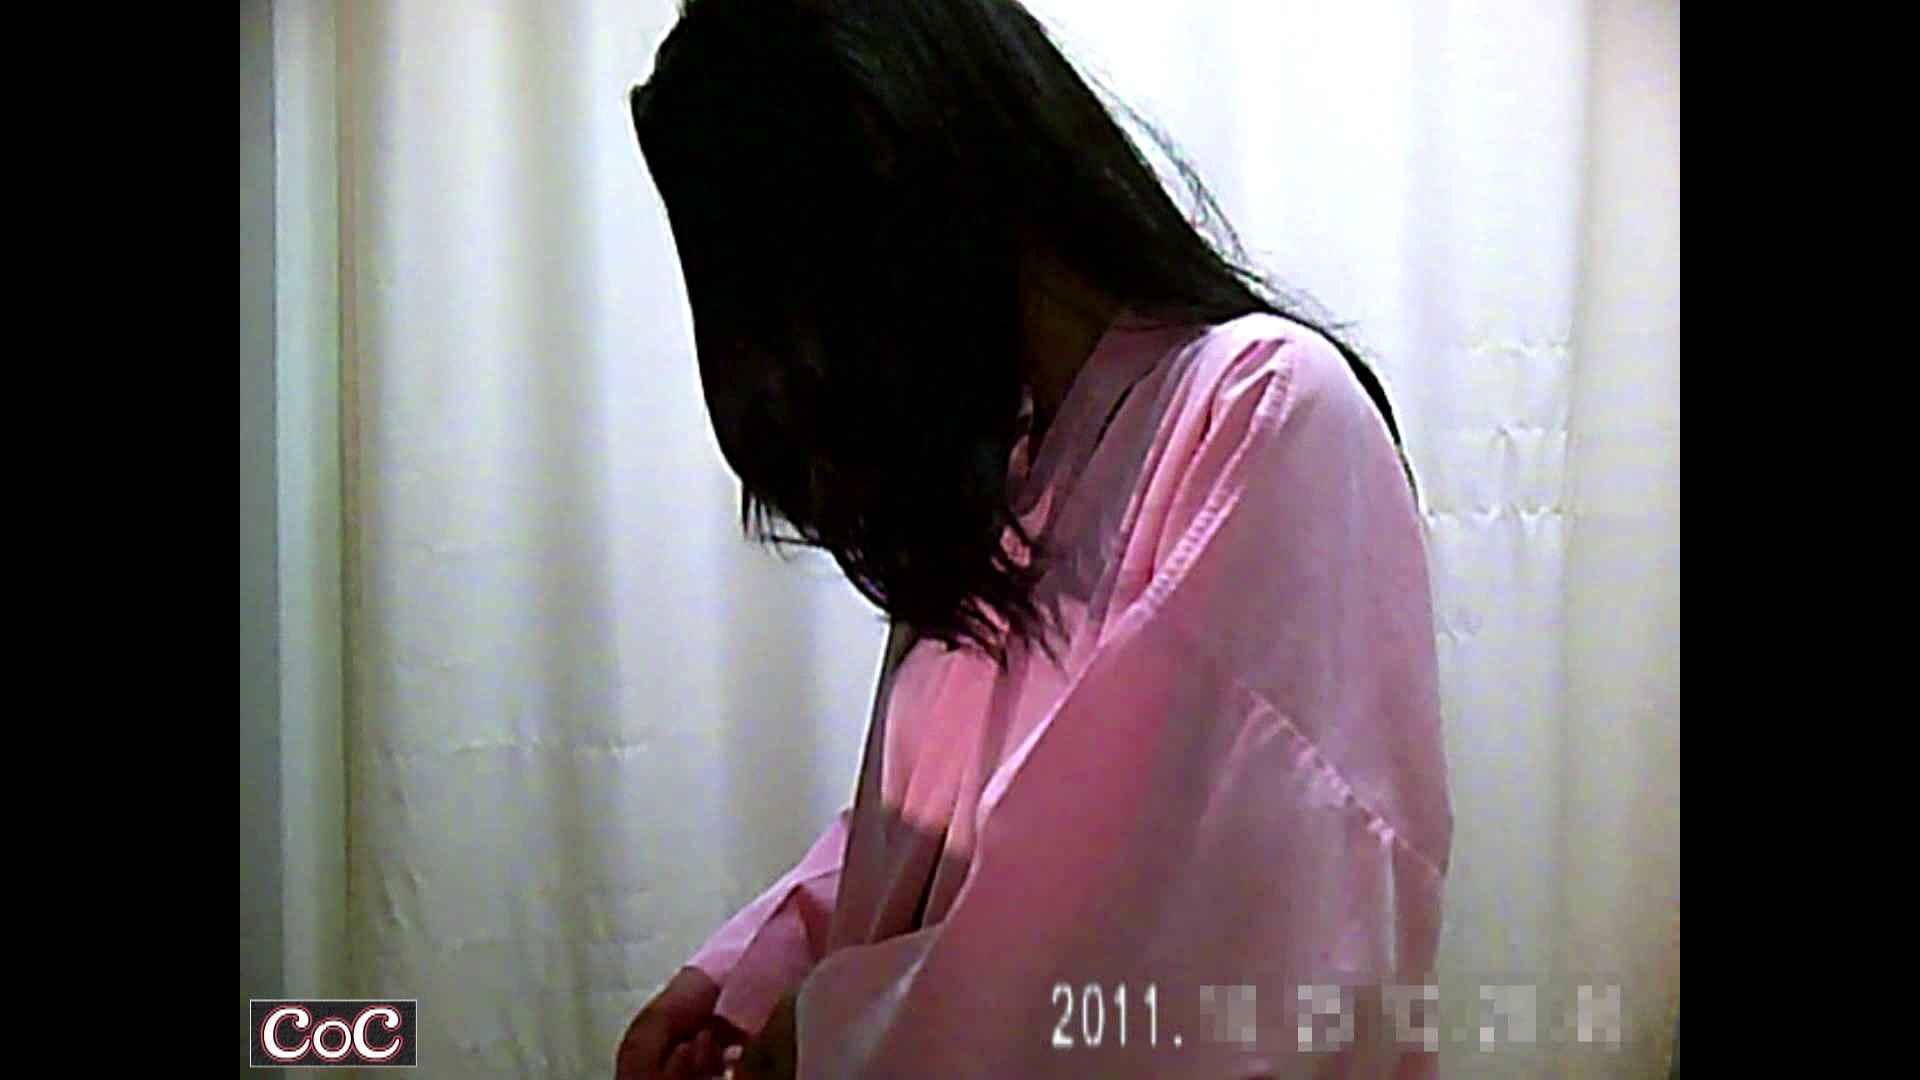 病院おもいっきり着替え! vol.70 巨乳 のぞきエロ無料画像 71画像 12